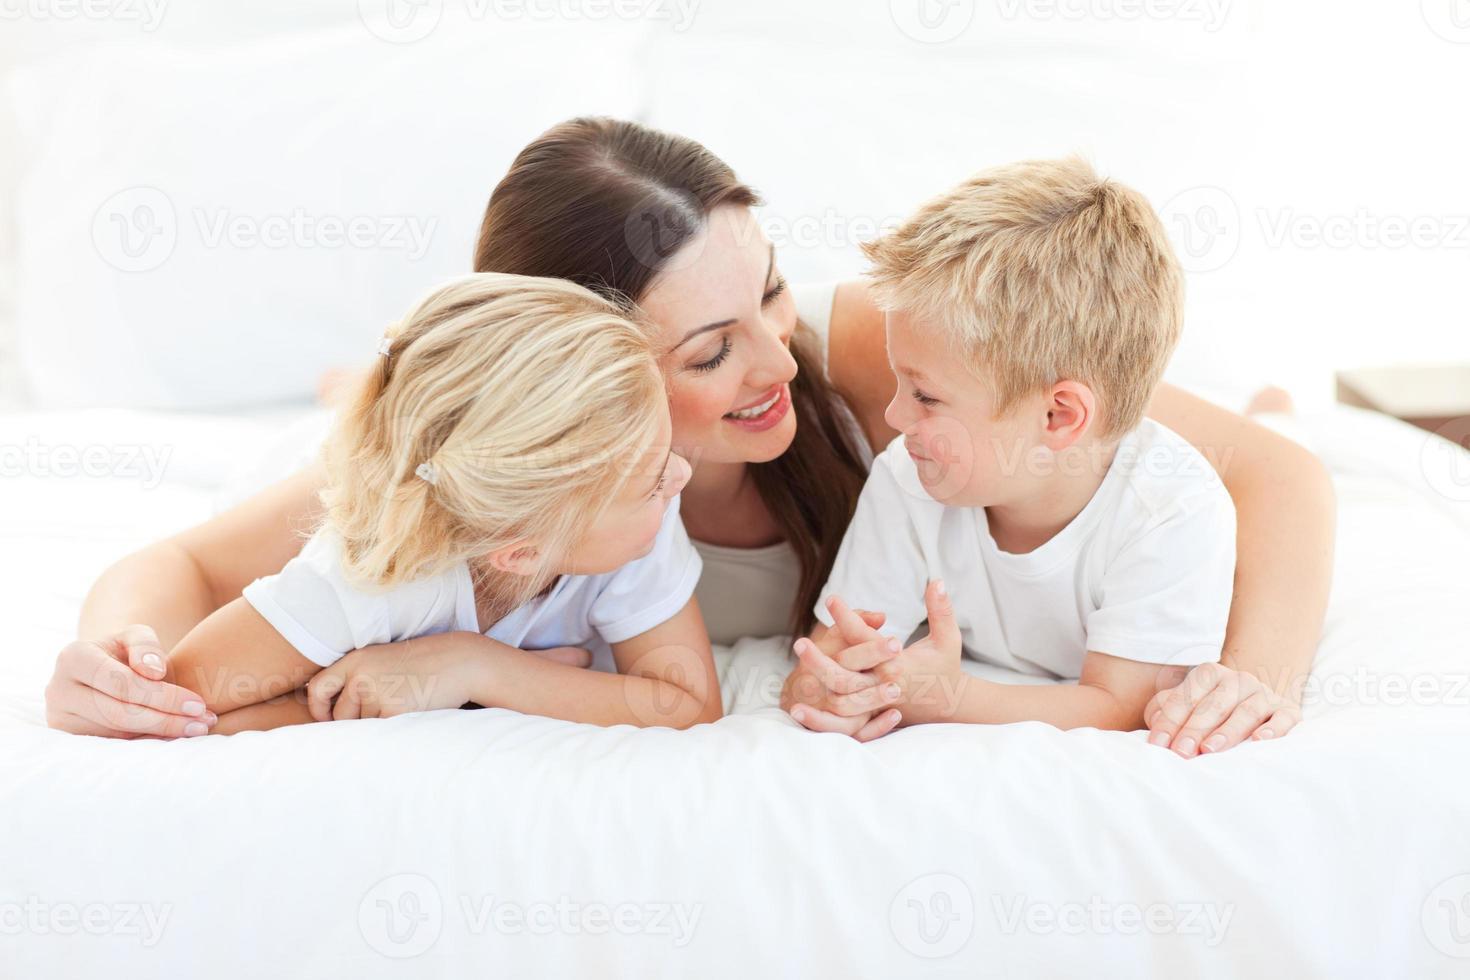 fröhliche Kinder und ihre Mutter diskutieren über das Liegen auf einem Bett foto